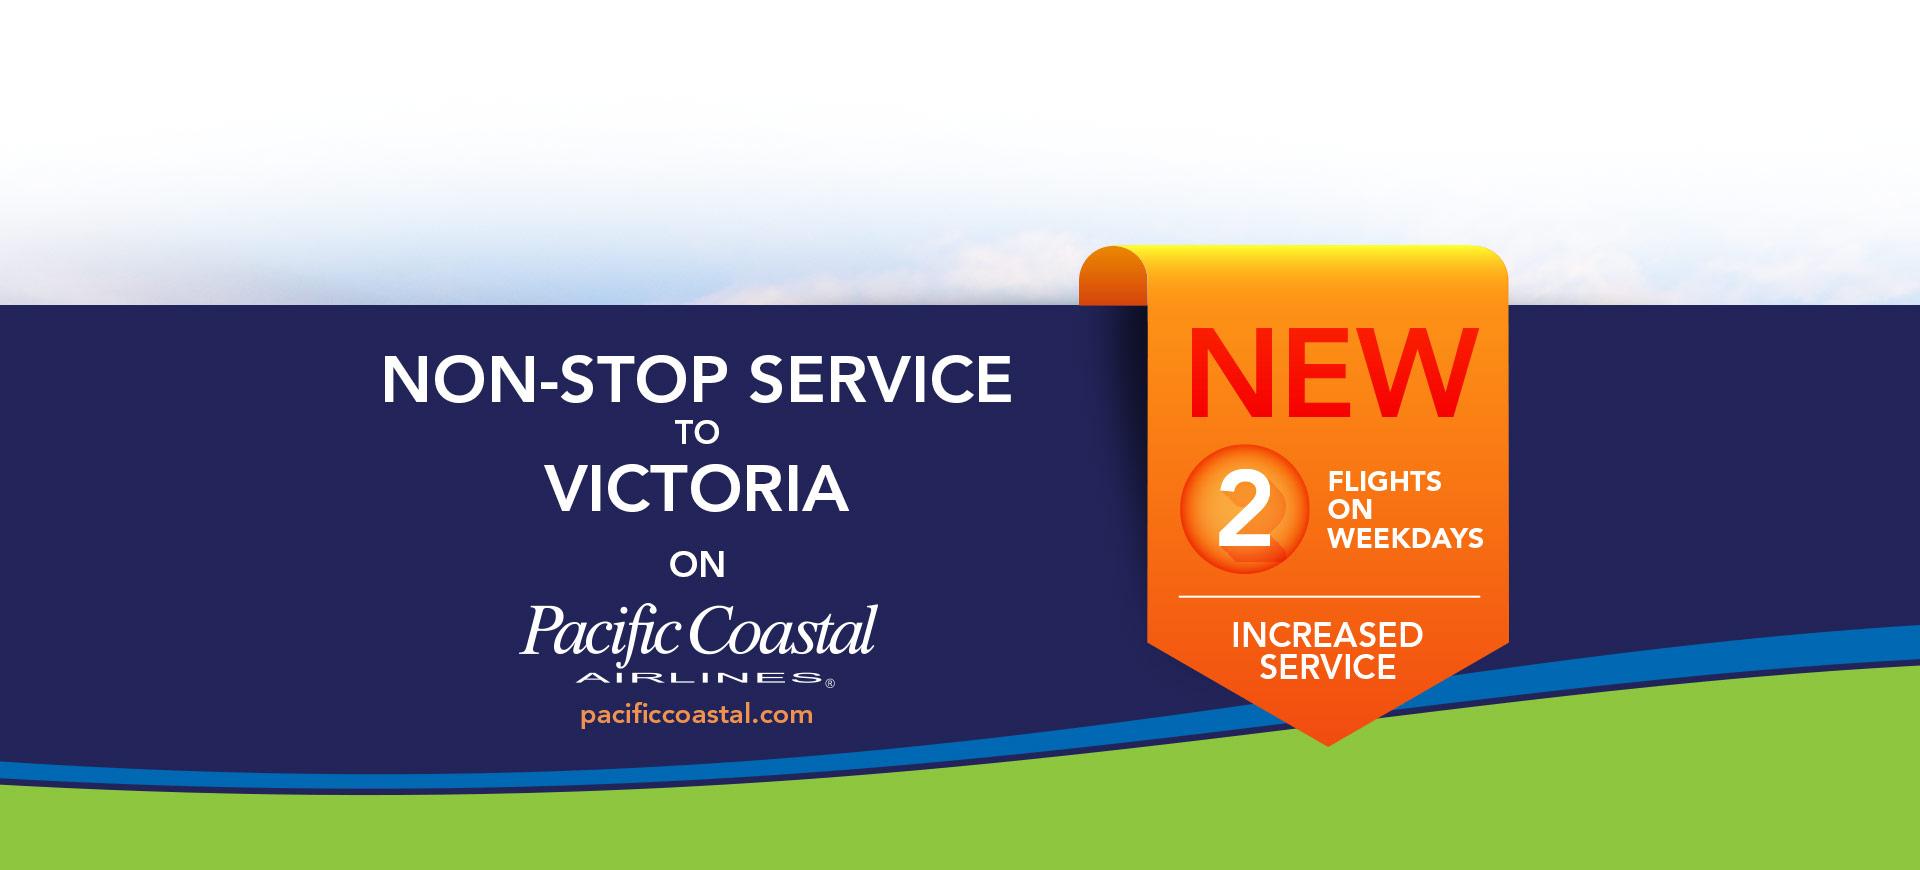 Non-Stop Service to Victoria on Pacific Coastal graphic